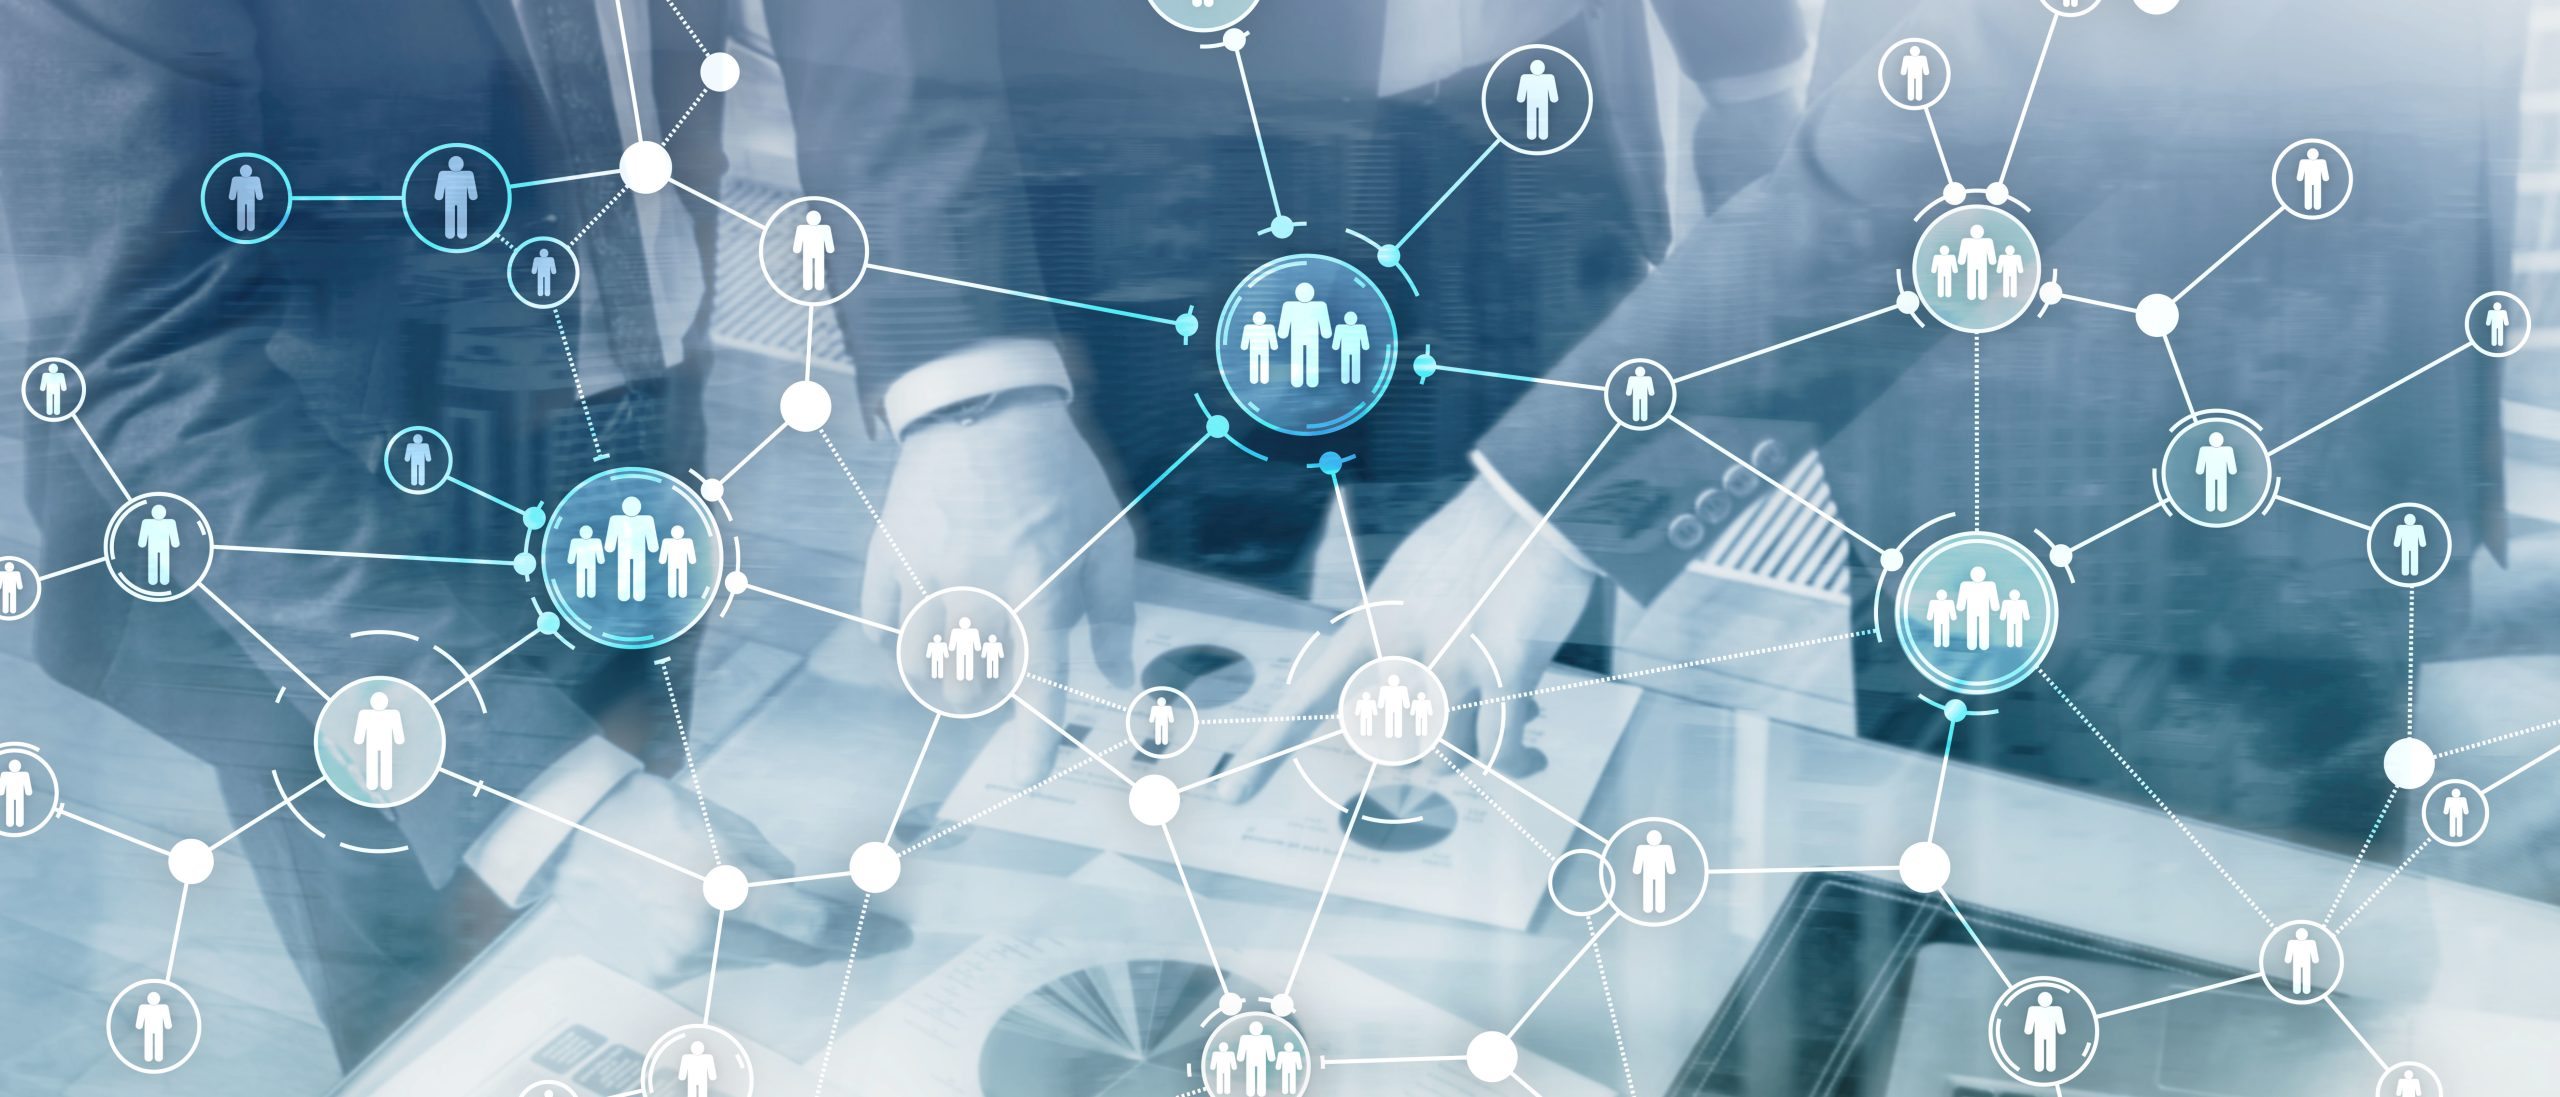 Accroissement des besoins en talents pour la gestion du risque dans le secteur des assurances : un difficile exercice d'équilibre